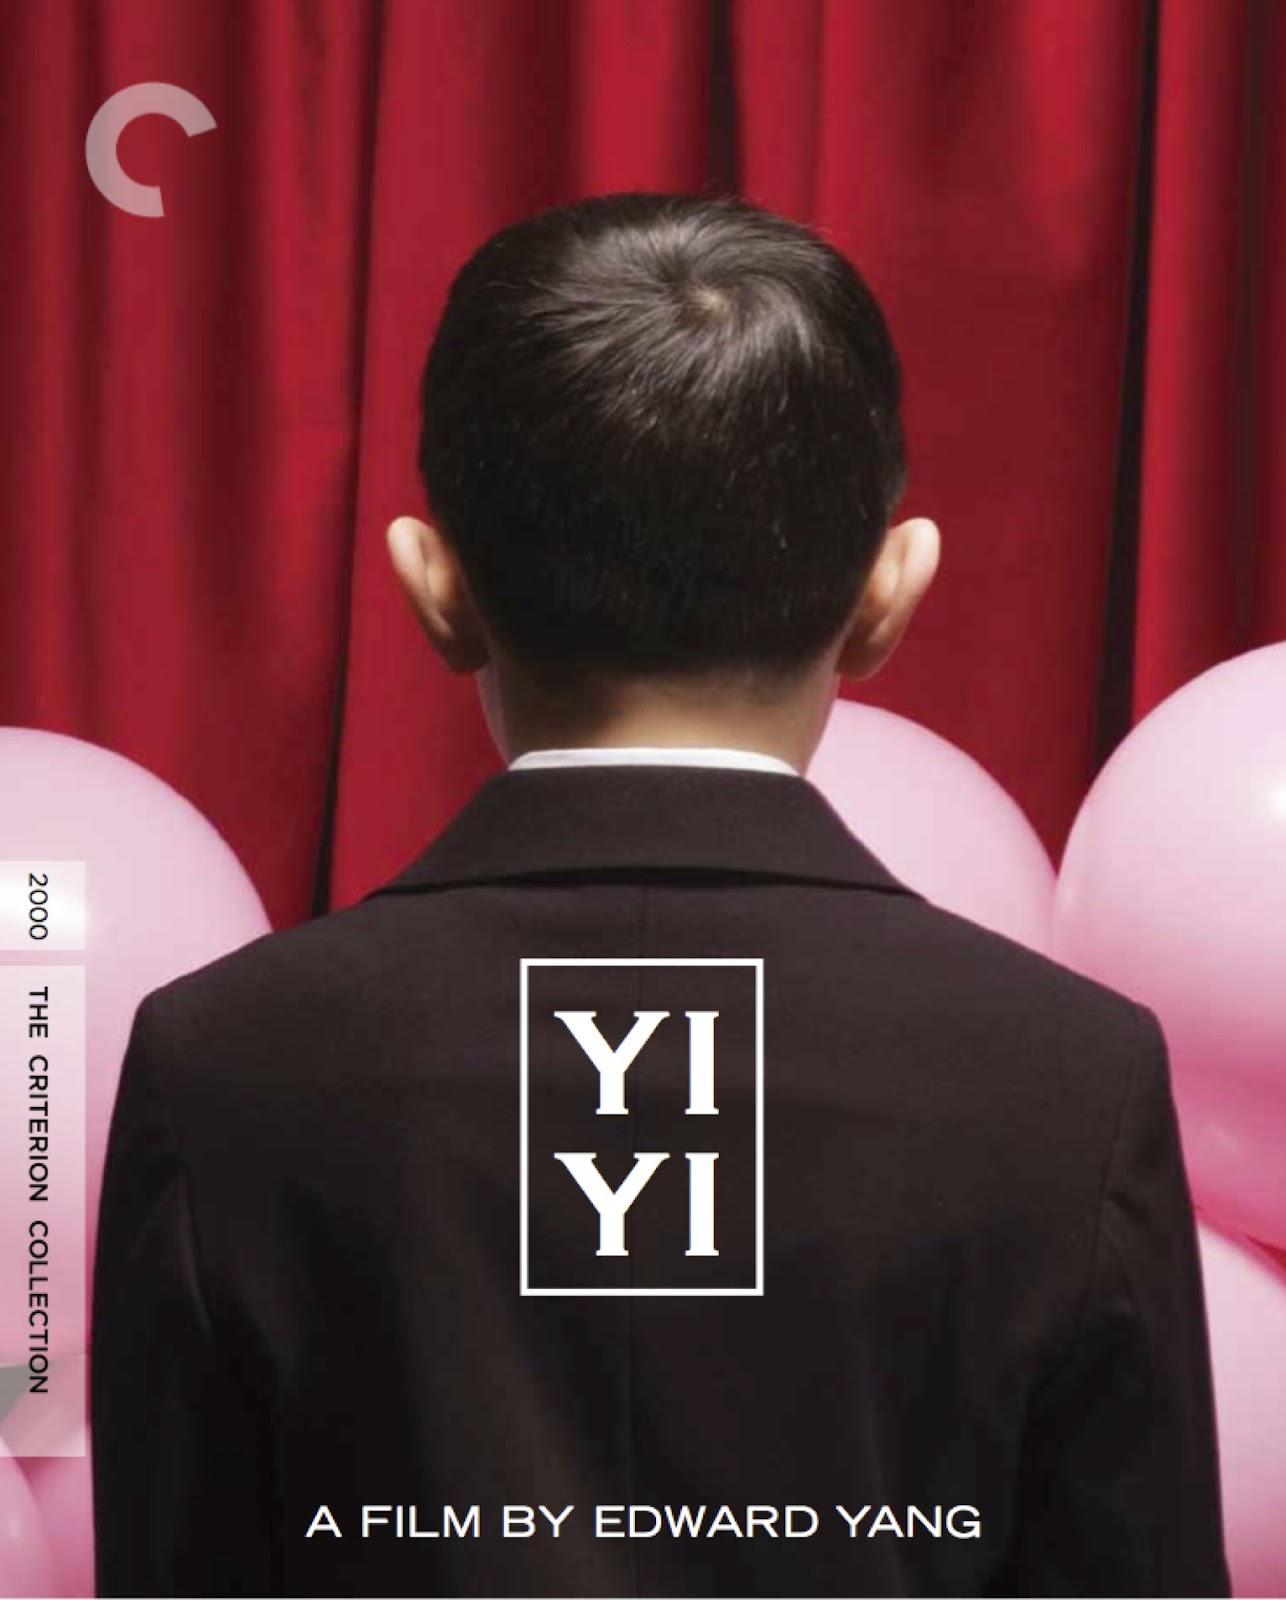 http://4.bp.blogspot.com/-DK5J42PqVjE/T8blpV99dEI/AAAAAAAACYI/UJHLiVSHKUU/s1600/yiyi-bluray.jpg